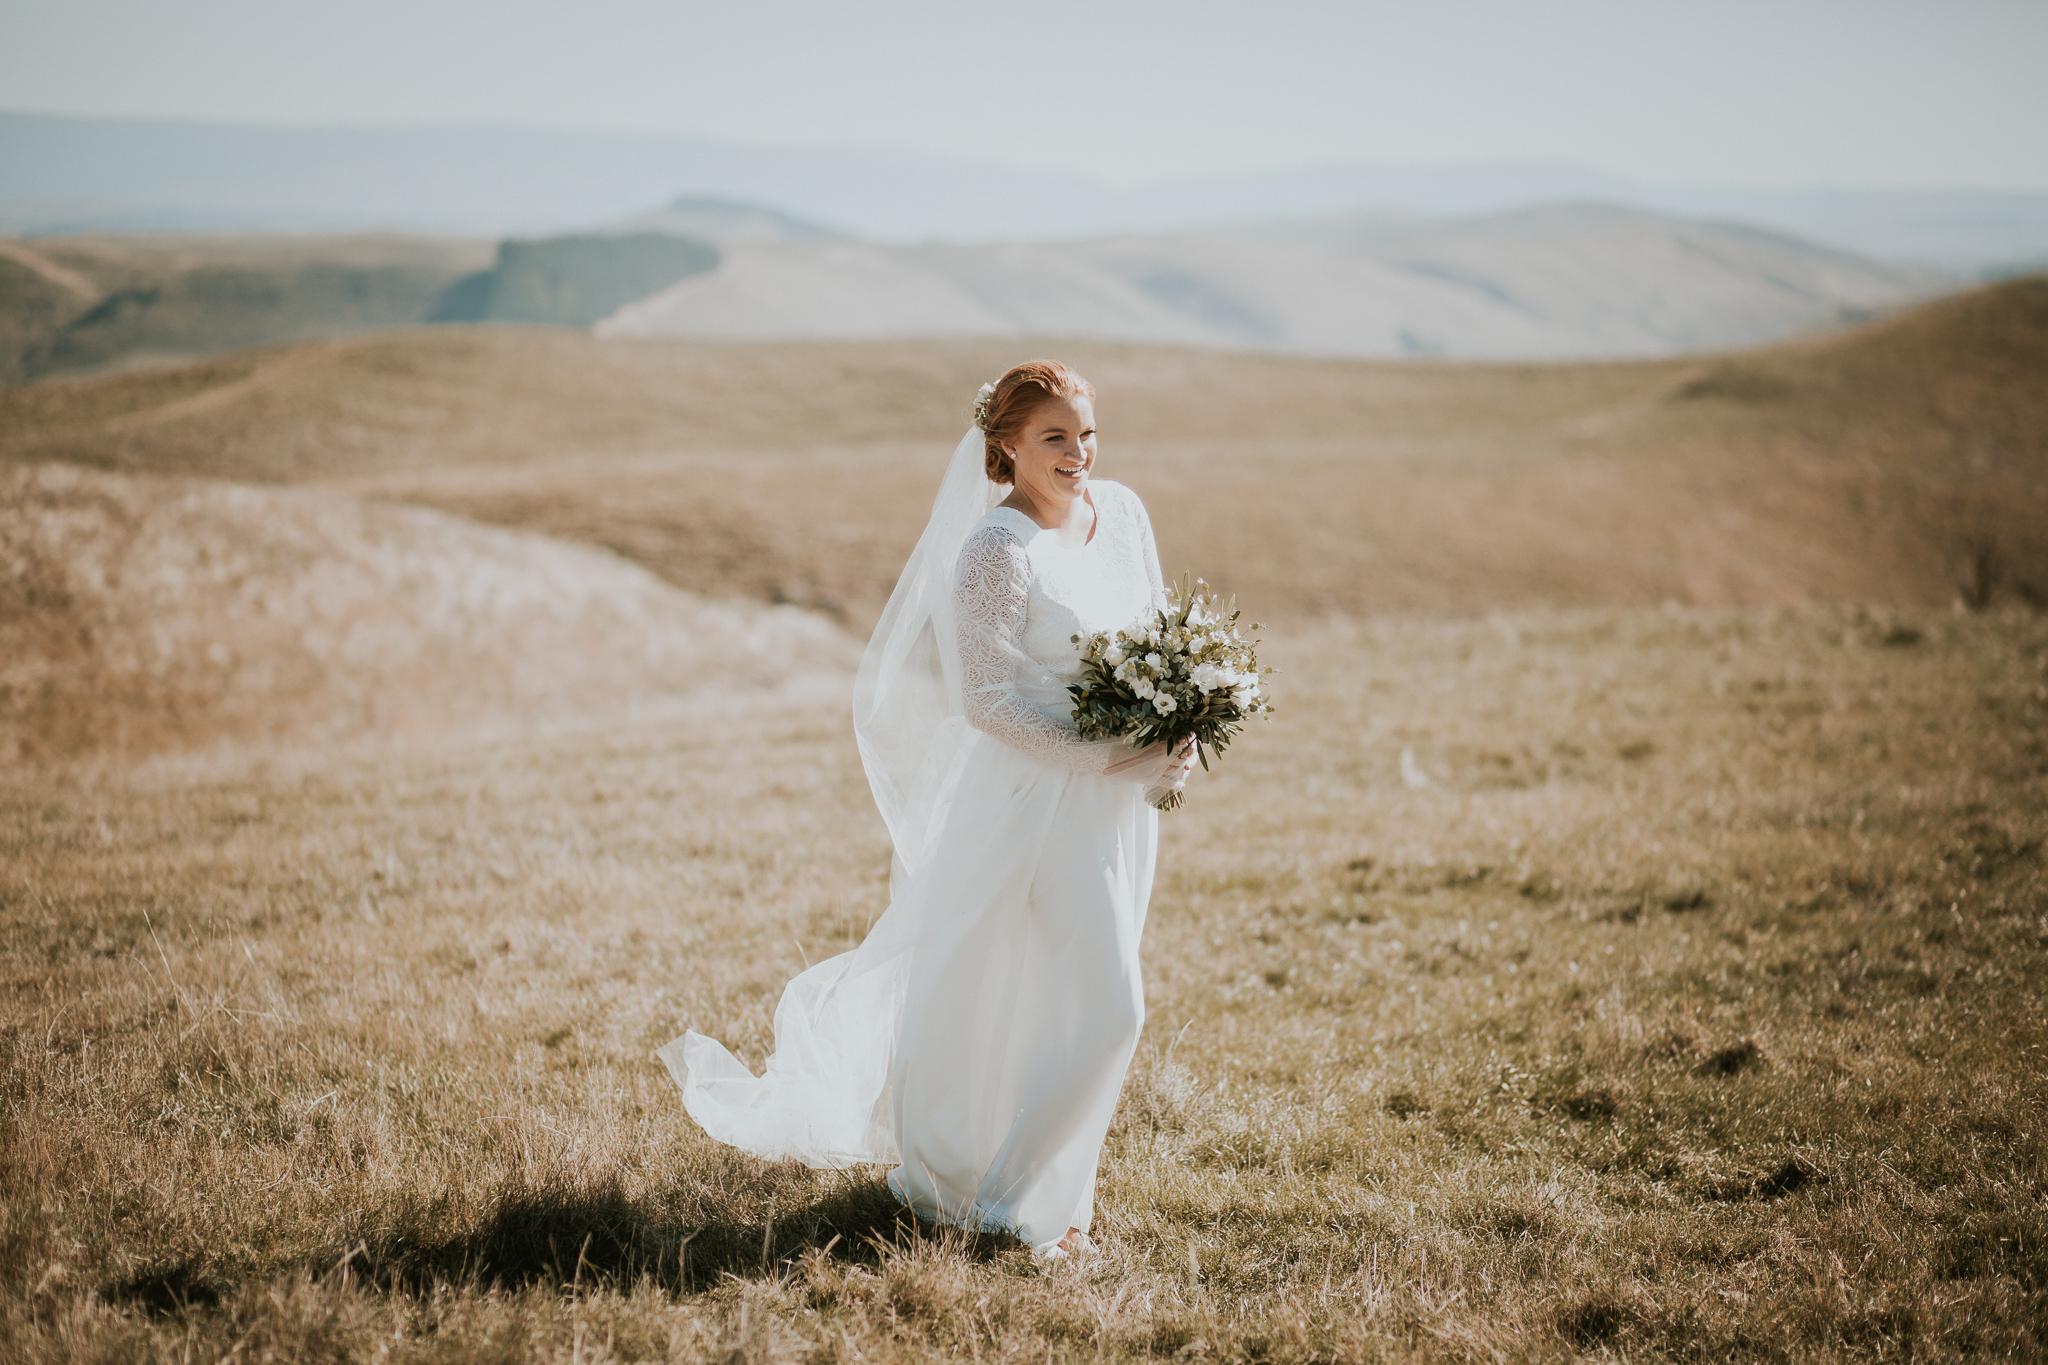 wedding photographer hawkes bay , Lisa Fisher Photography, Selini Winery Wedding -77.jpg